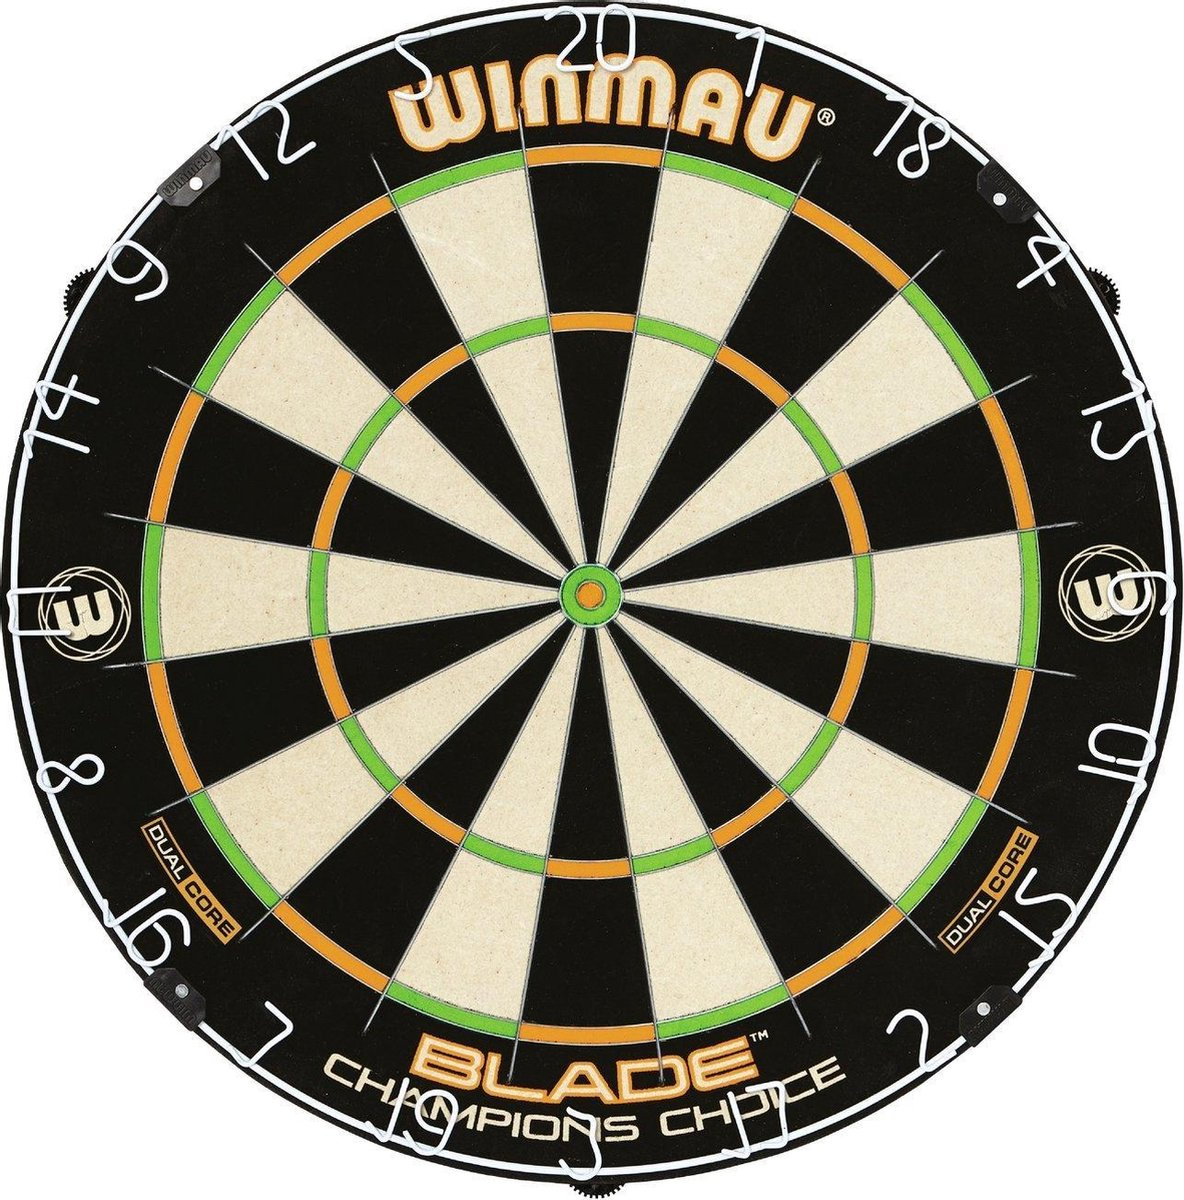 Winmau Blade Champions Choice Dual Core Trainingsdartbord